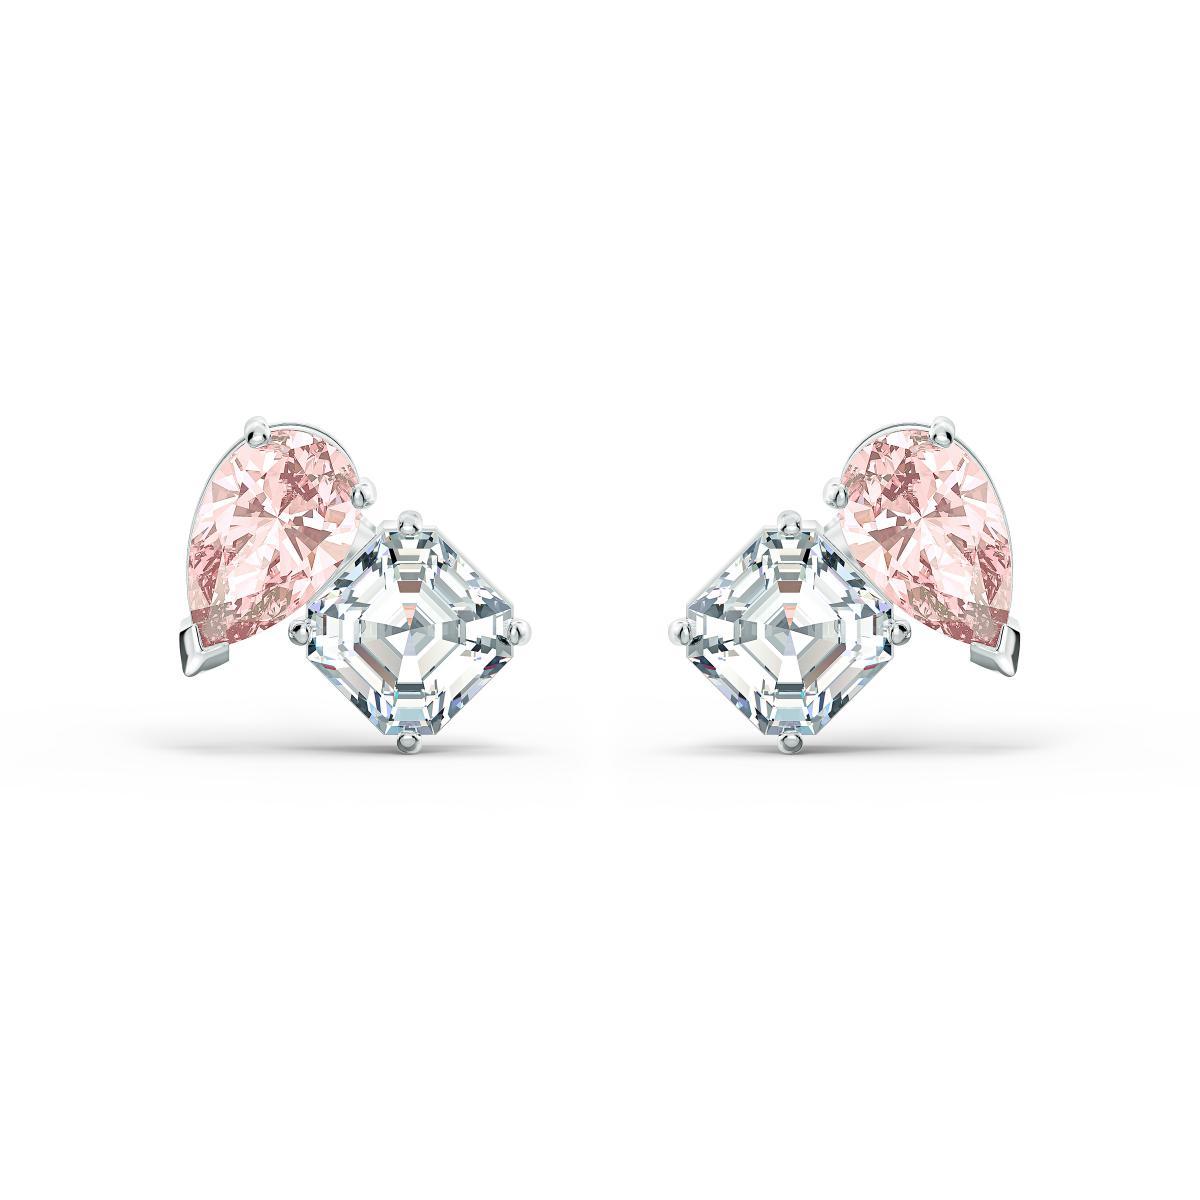 Boucles d'oreilles 5517118 - Boucles d'oreilles métal rose et blanc - Swarovski - Modalova